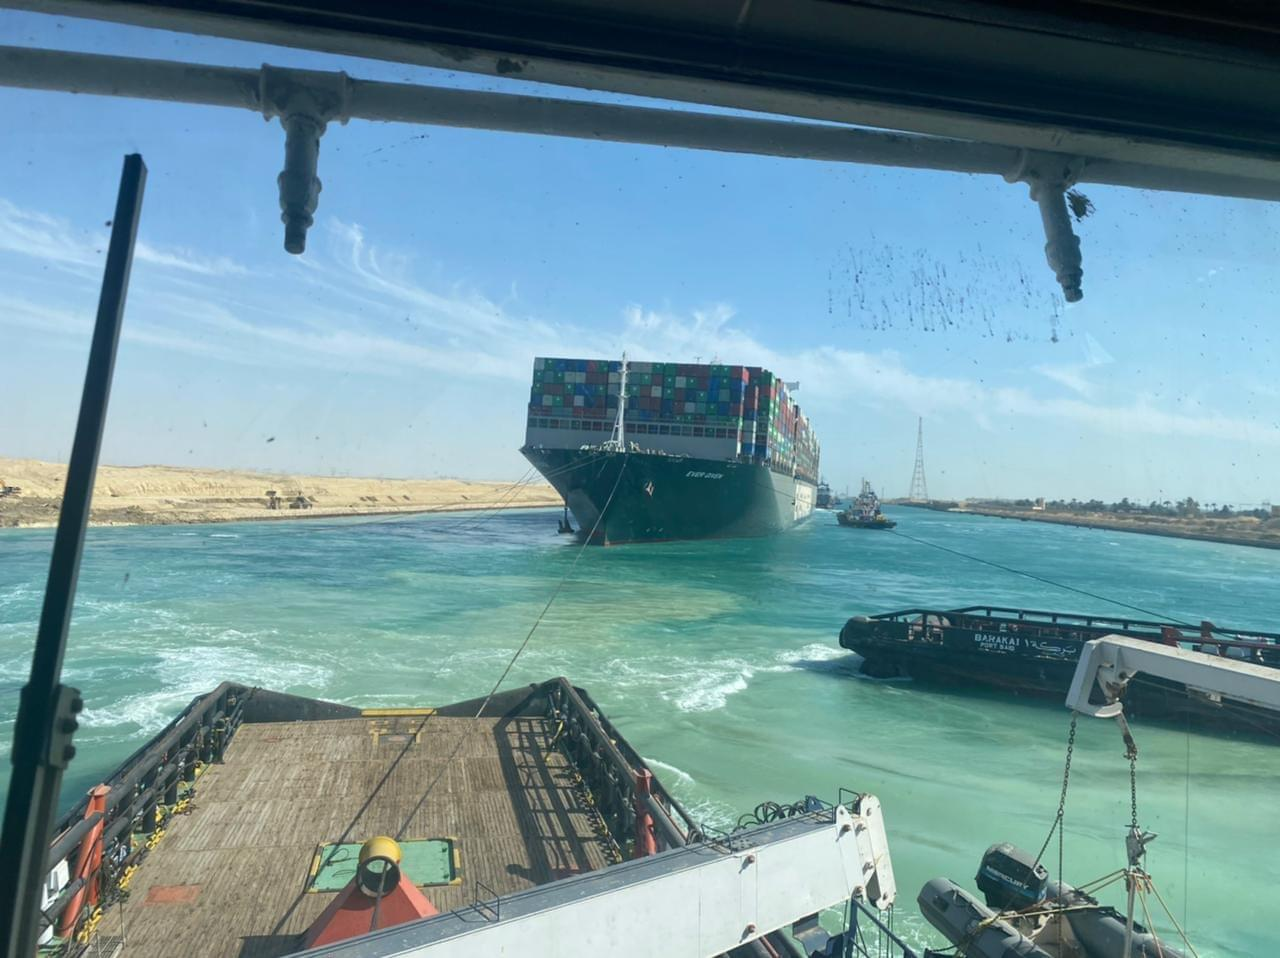 تعويم السفينة الجانحة فى قناة السويس (2)